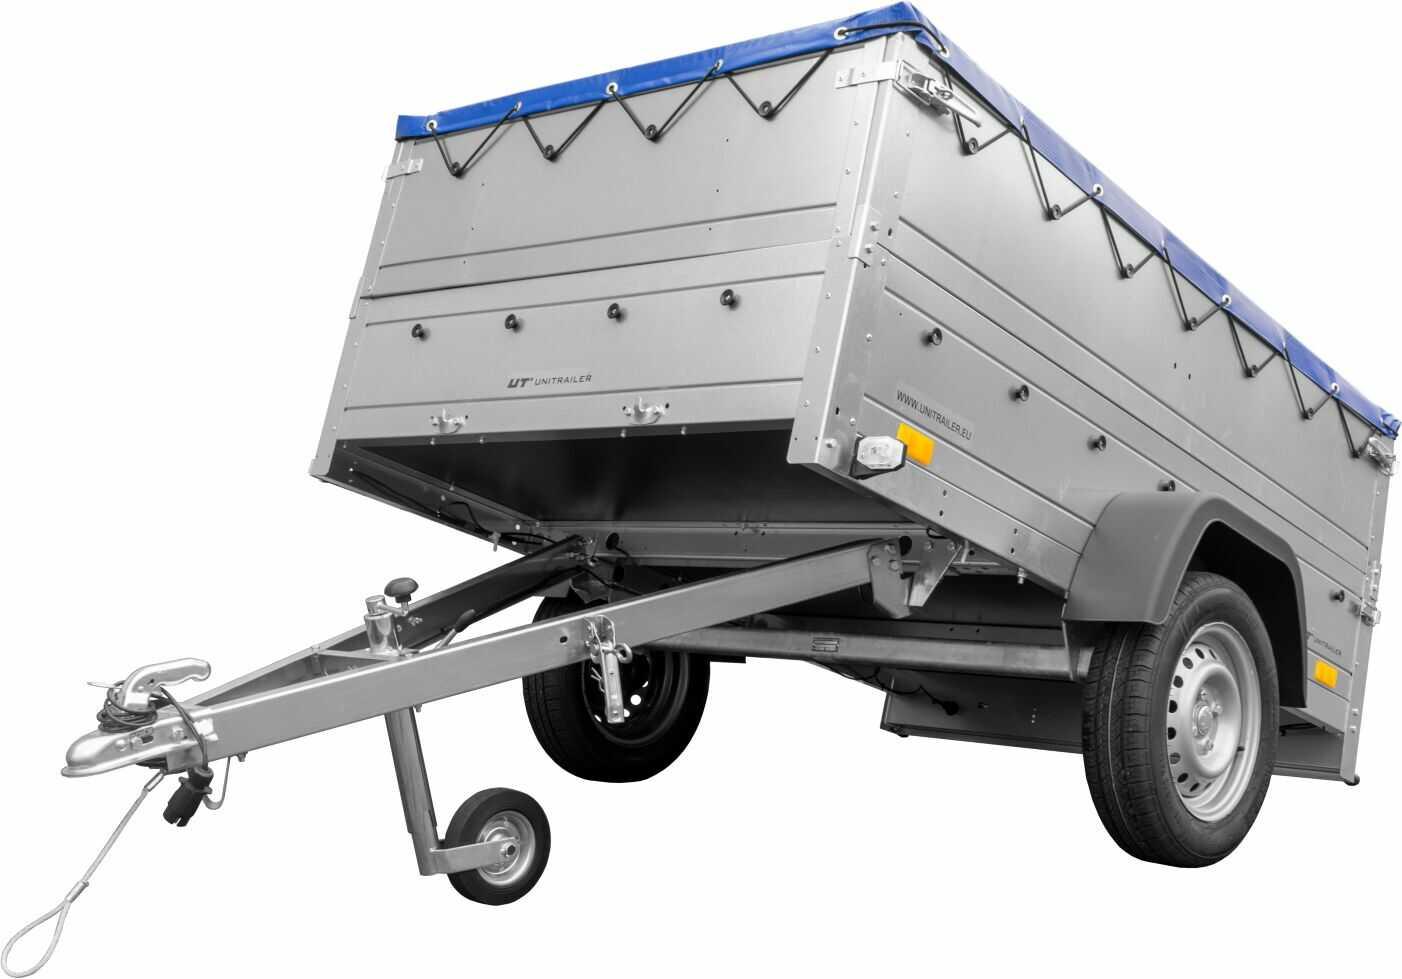 Przyczepa Unitrailer GARDEN TRAILER 201 KIPP z kołem podporowym, burtami bis i plandeką płaską niebieską